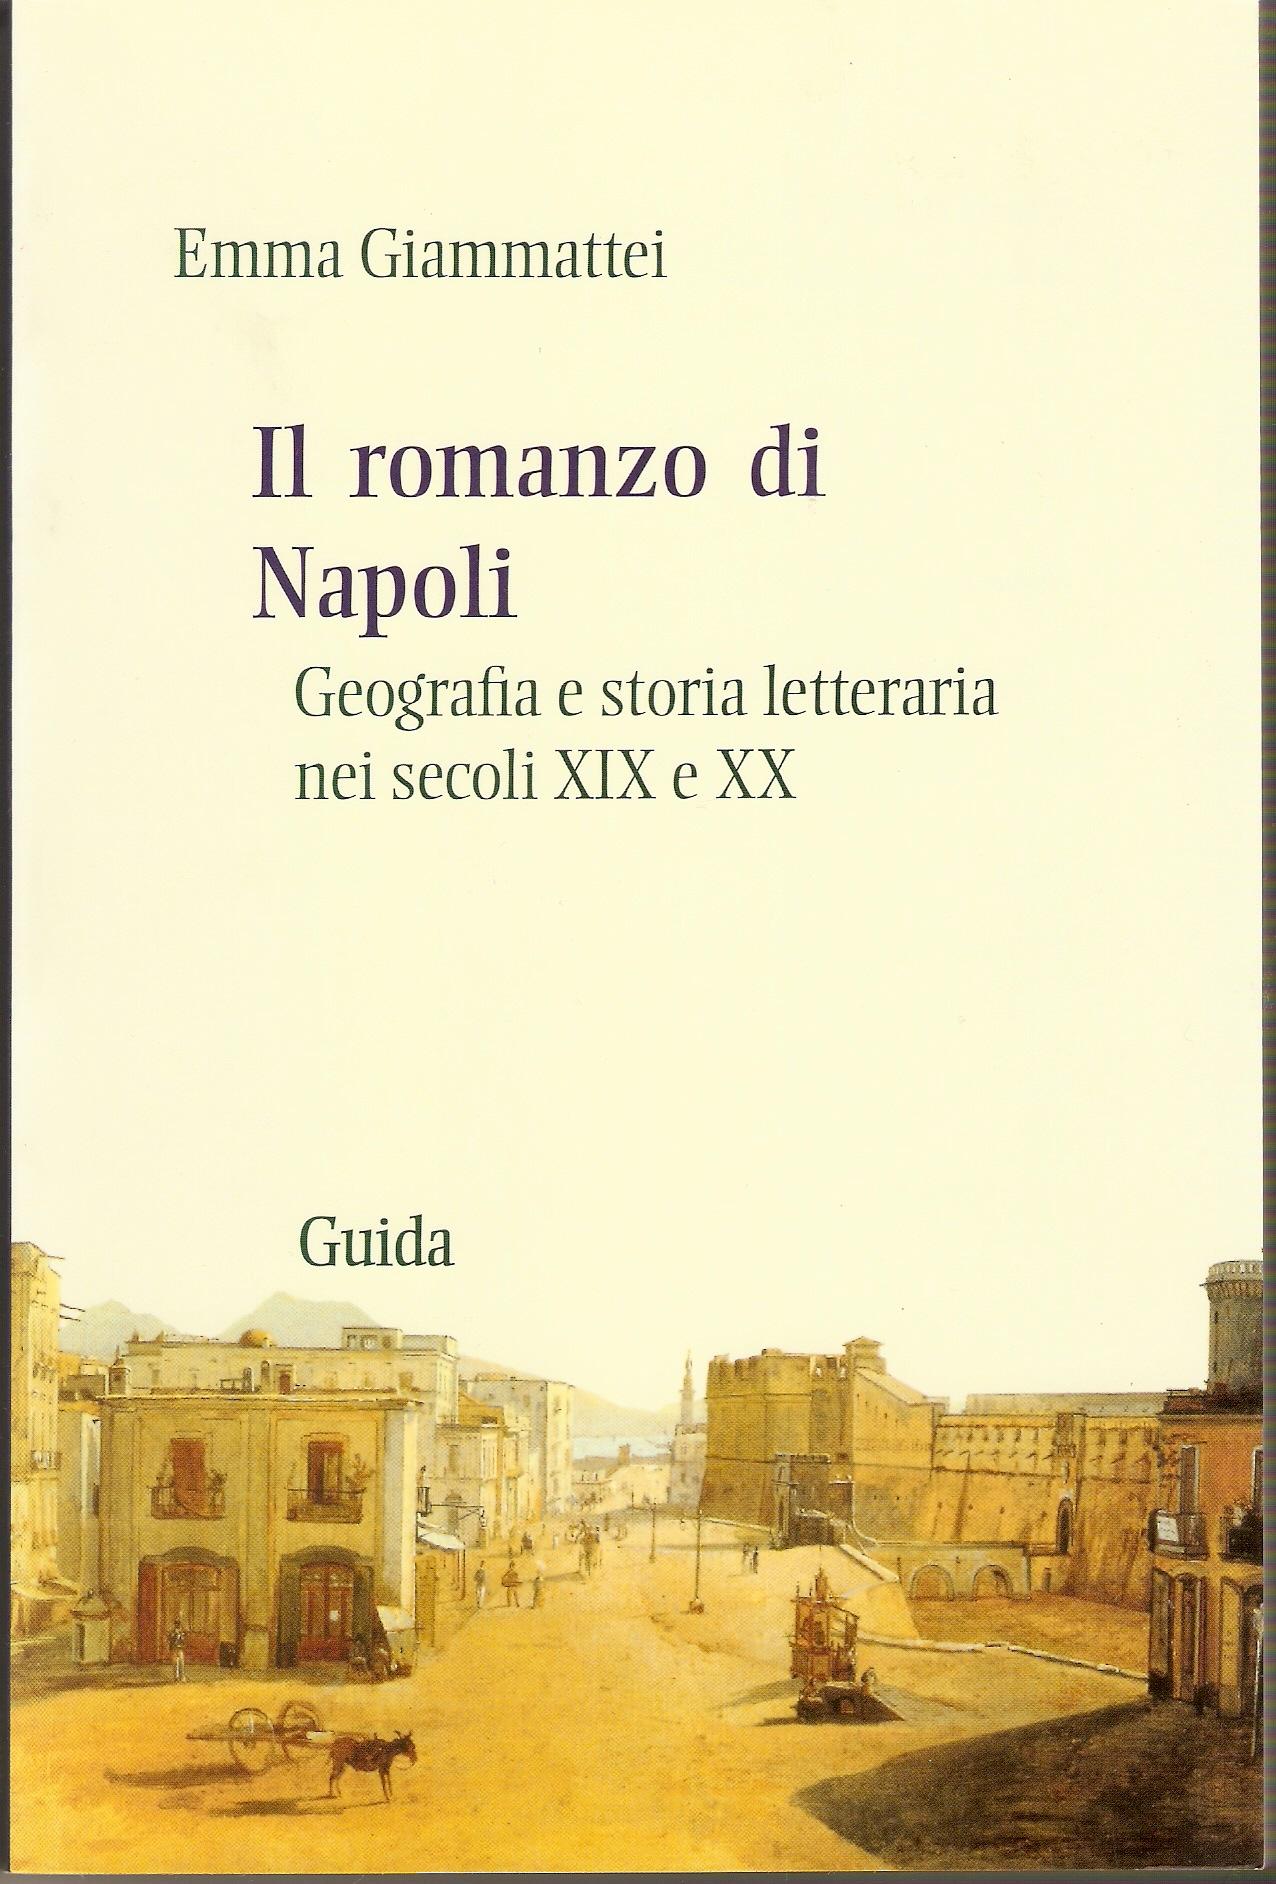 Il romanzo di Napoli. Geografia e storia letteraria nei secoli XIX e XX